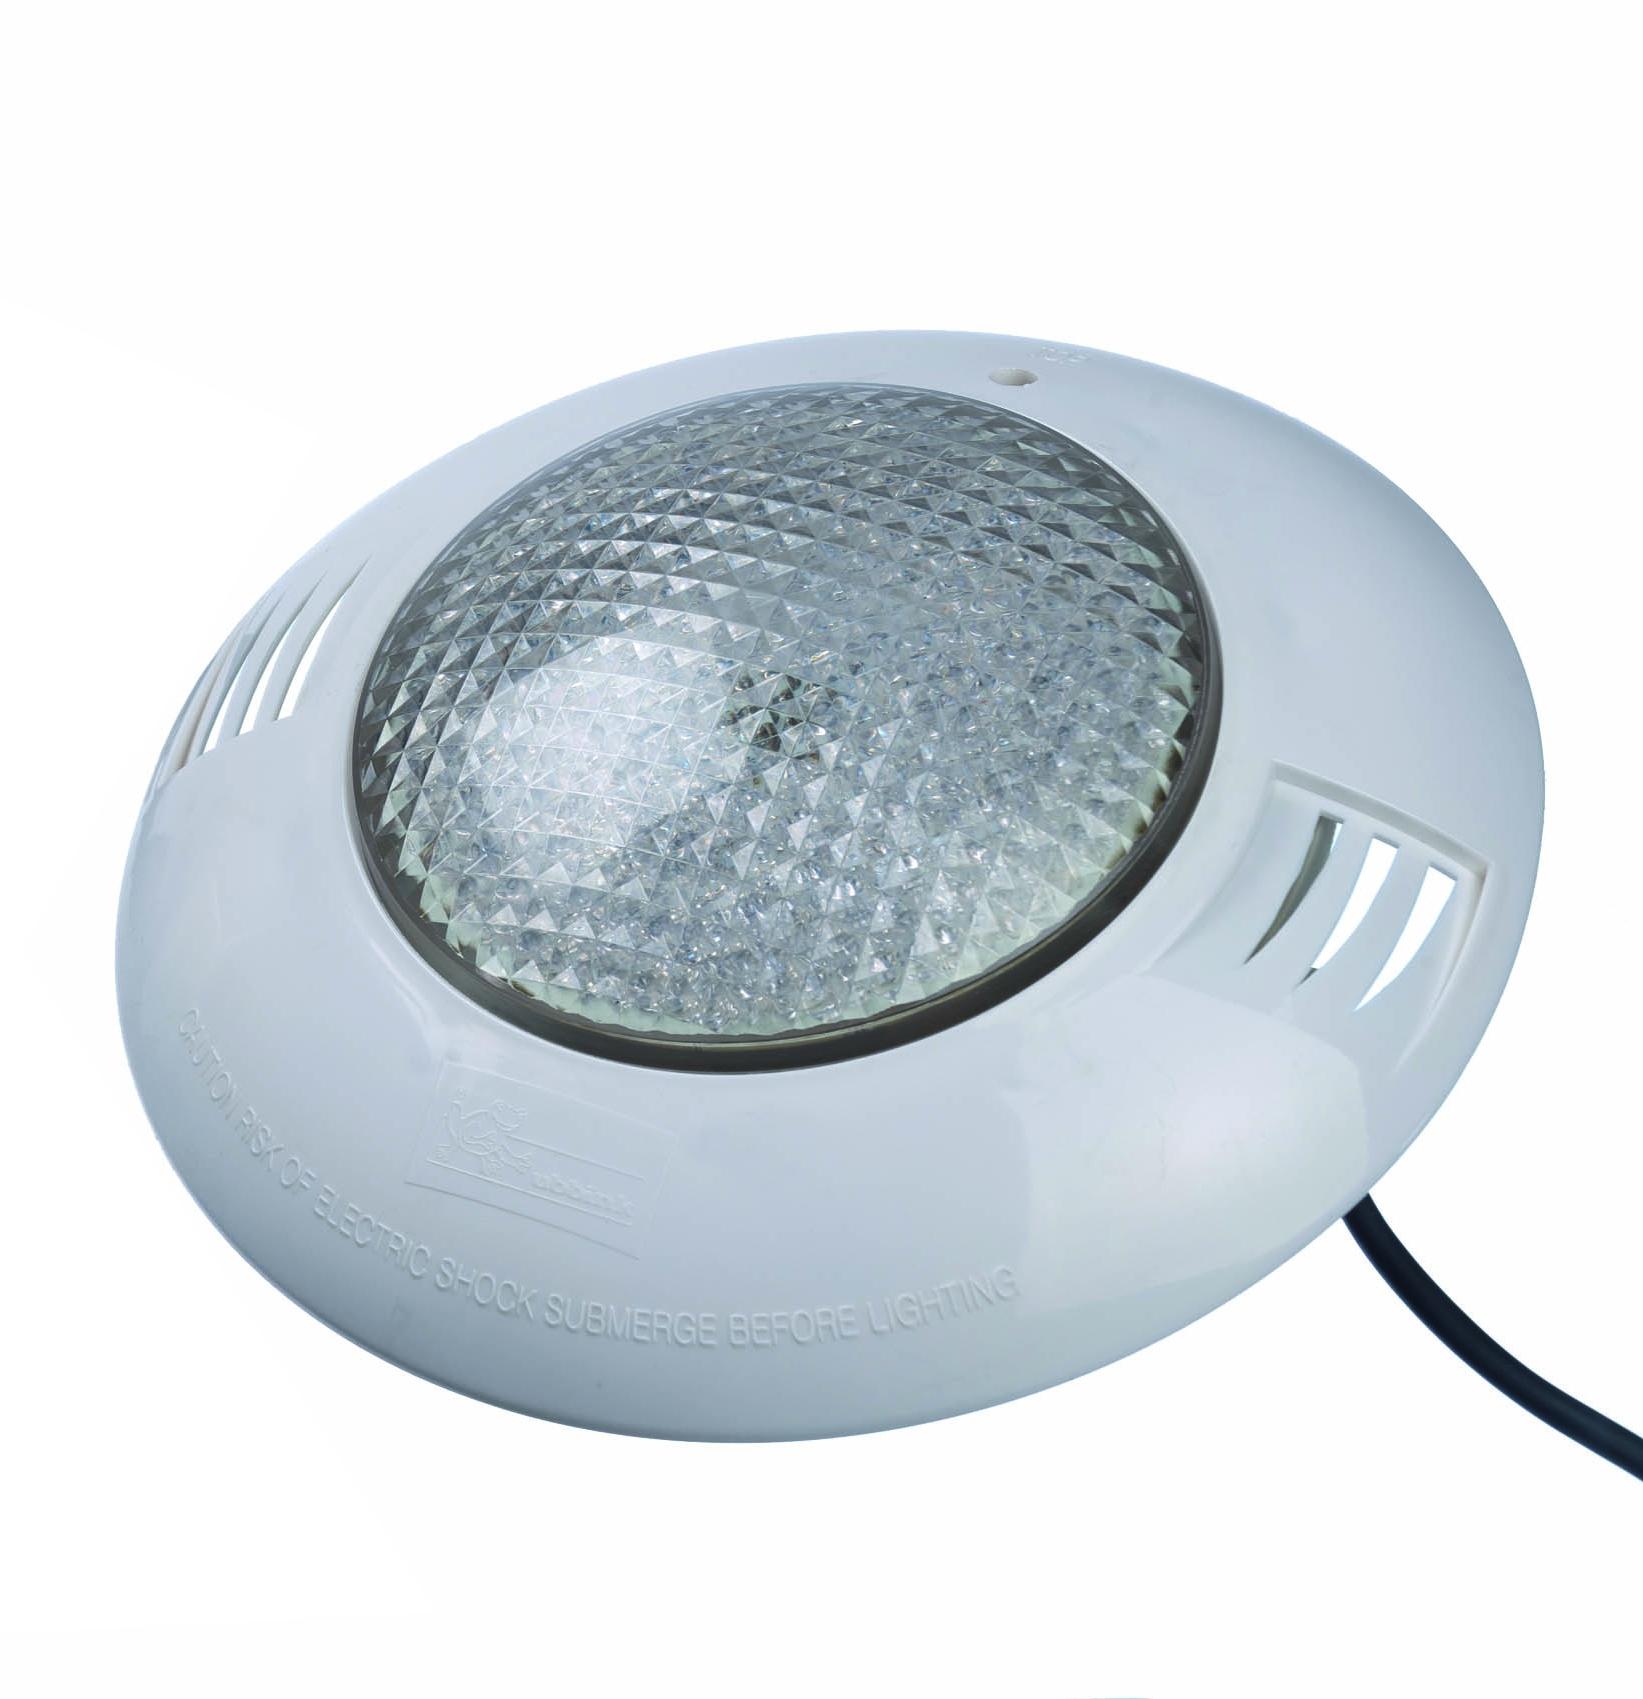 Spot Blanc Pour Piscine Led 24 W Ubbink - Mr.bricolage pour Spot Piscine Led